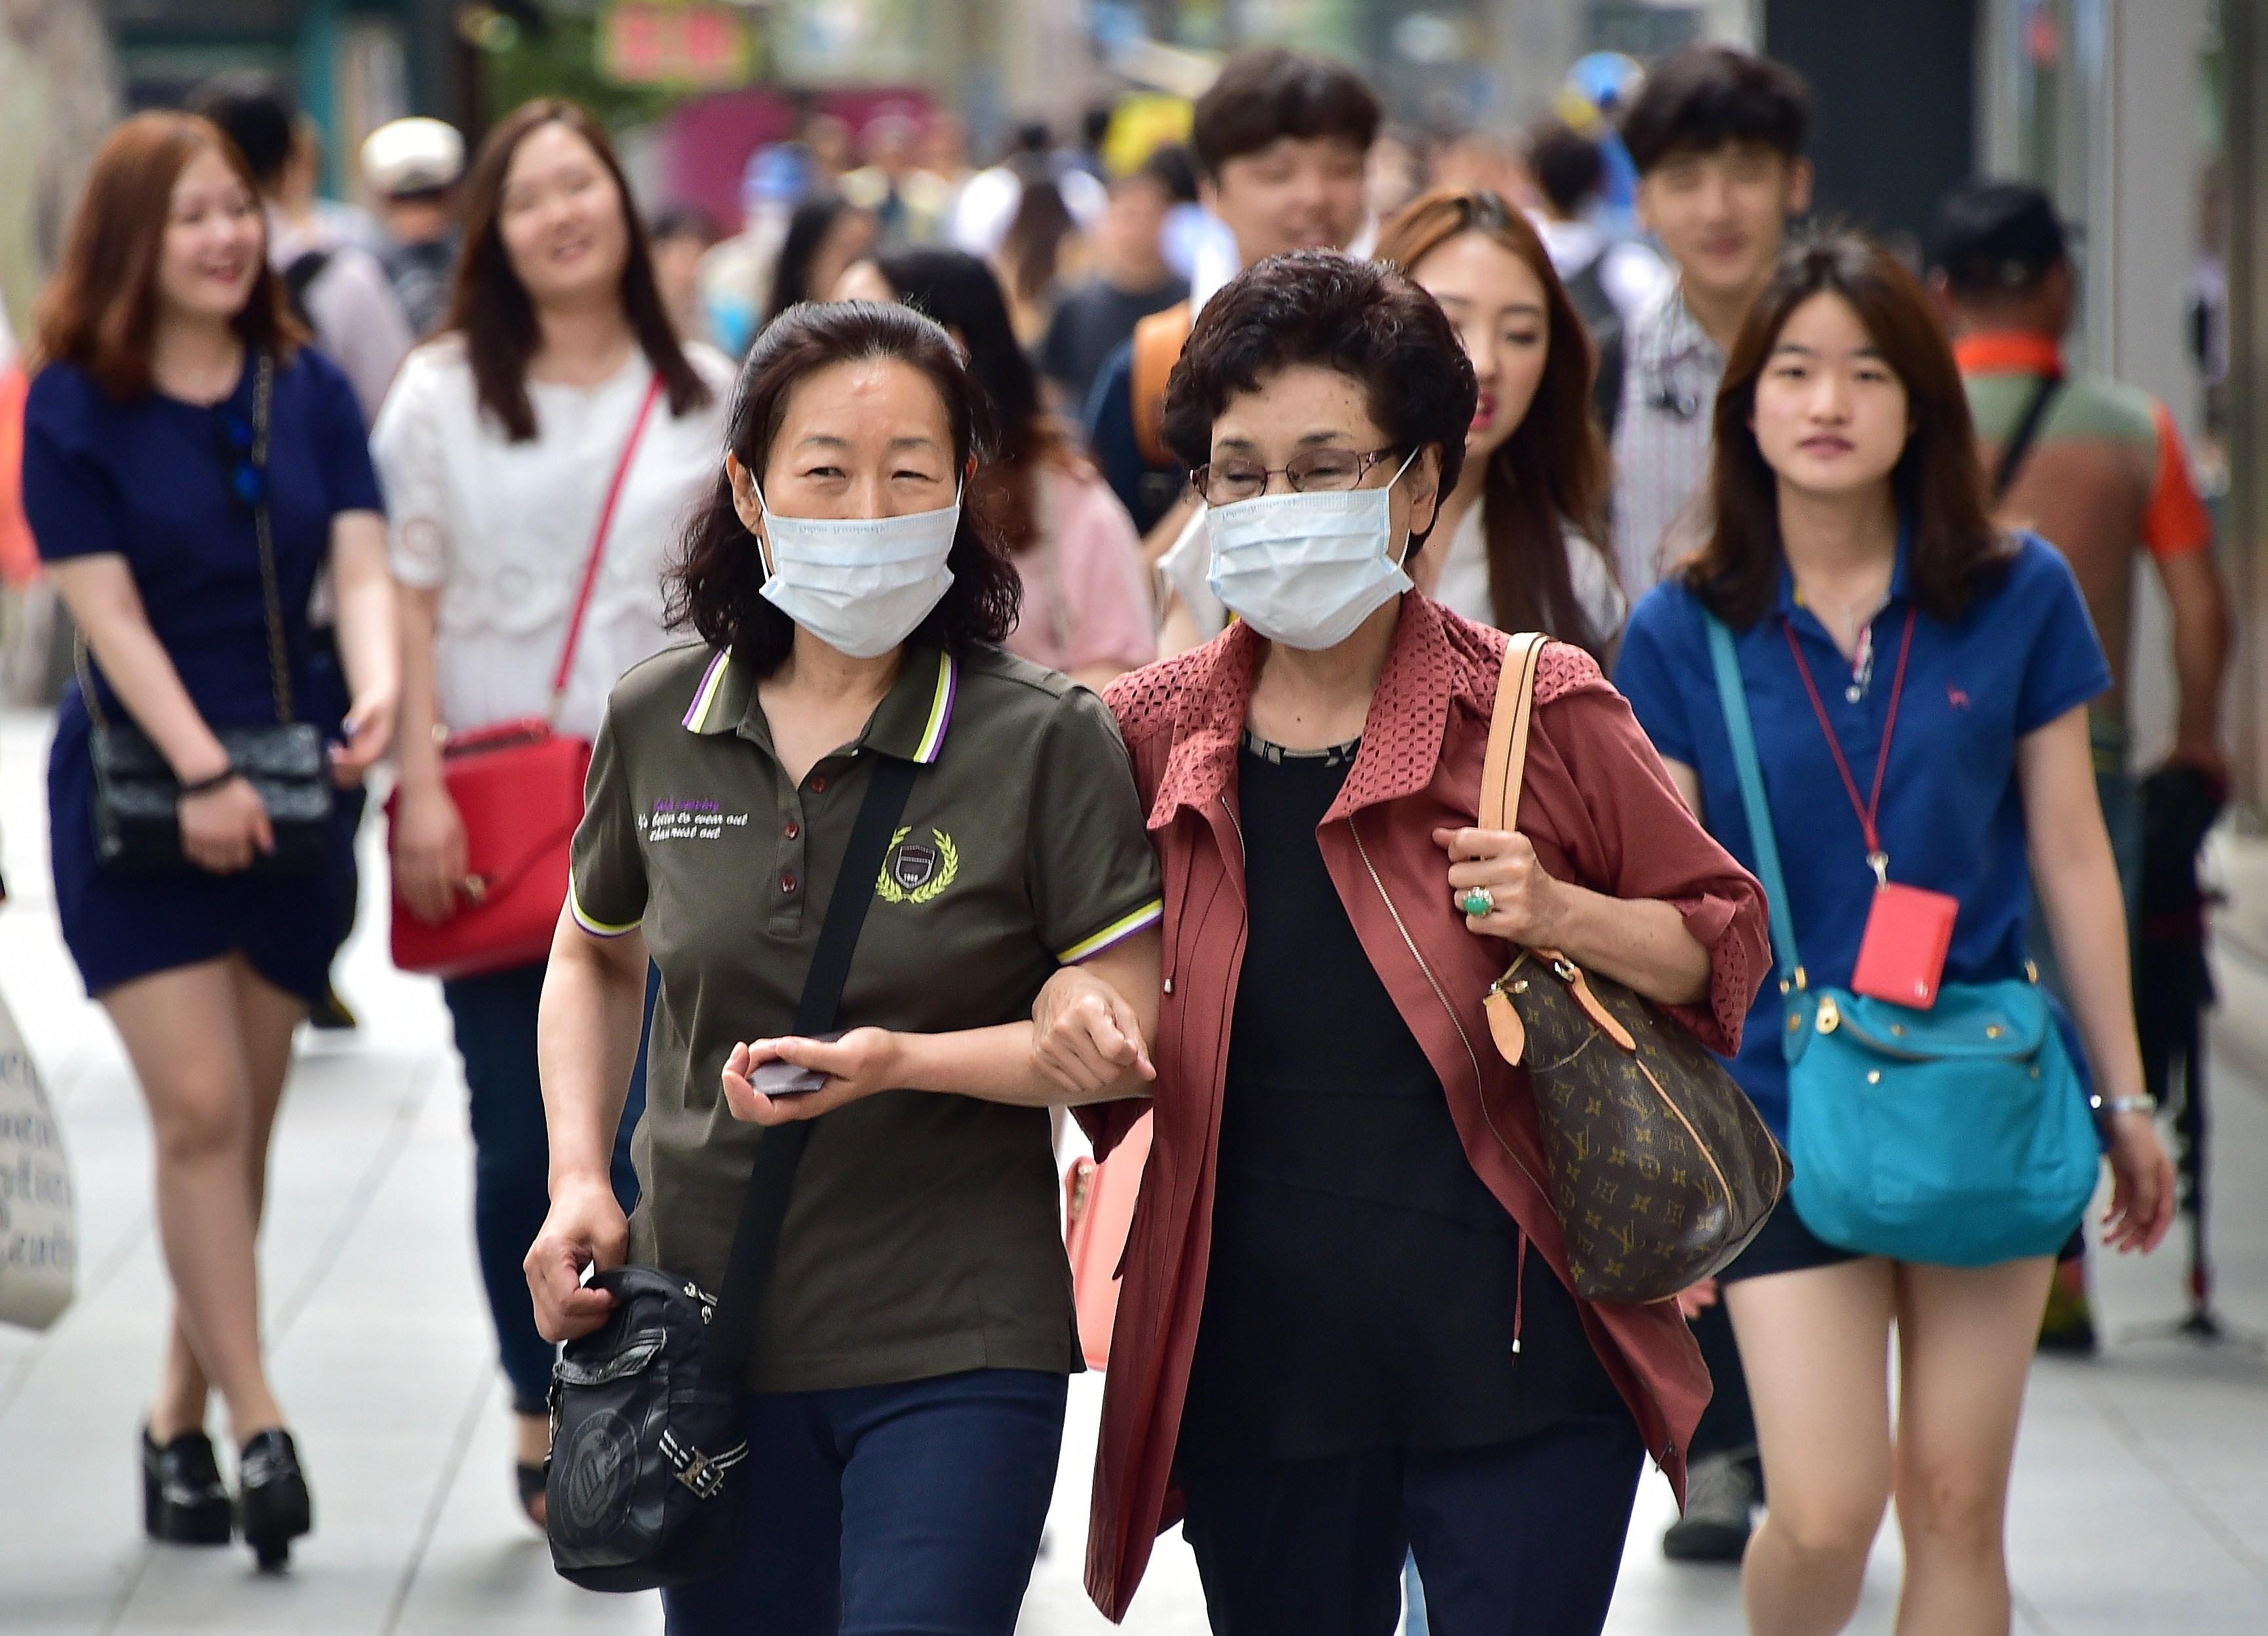 تايلاند : ارتفاع حصيلة الإصابات بفيروس كورونا إلى 3926 حالة